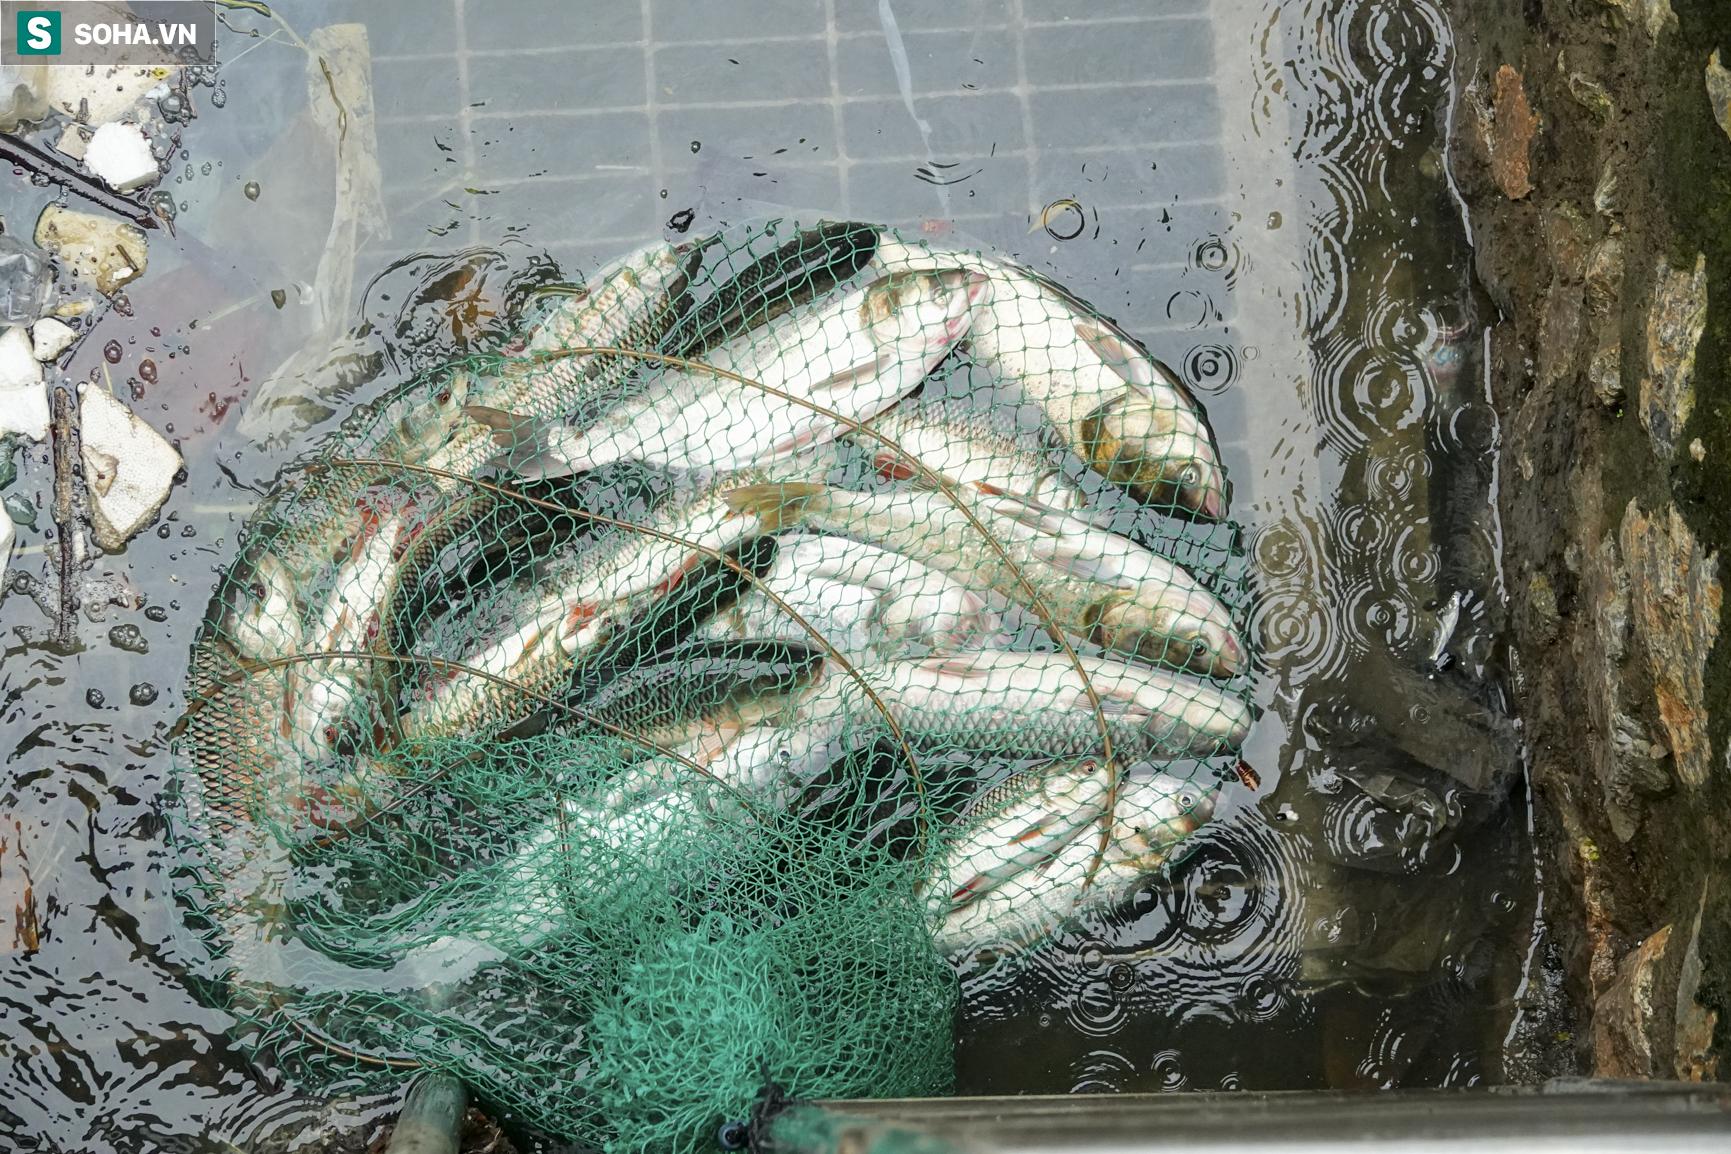 Nước sông Tô Lịch bỗng chuyển màu xanh ngắt hiếm thấy, người dân hân hoan bắt hàng tạ cá - Ảnh 8.